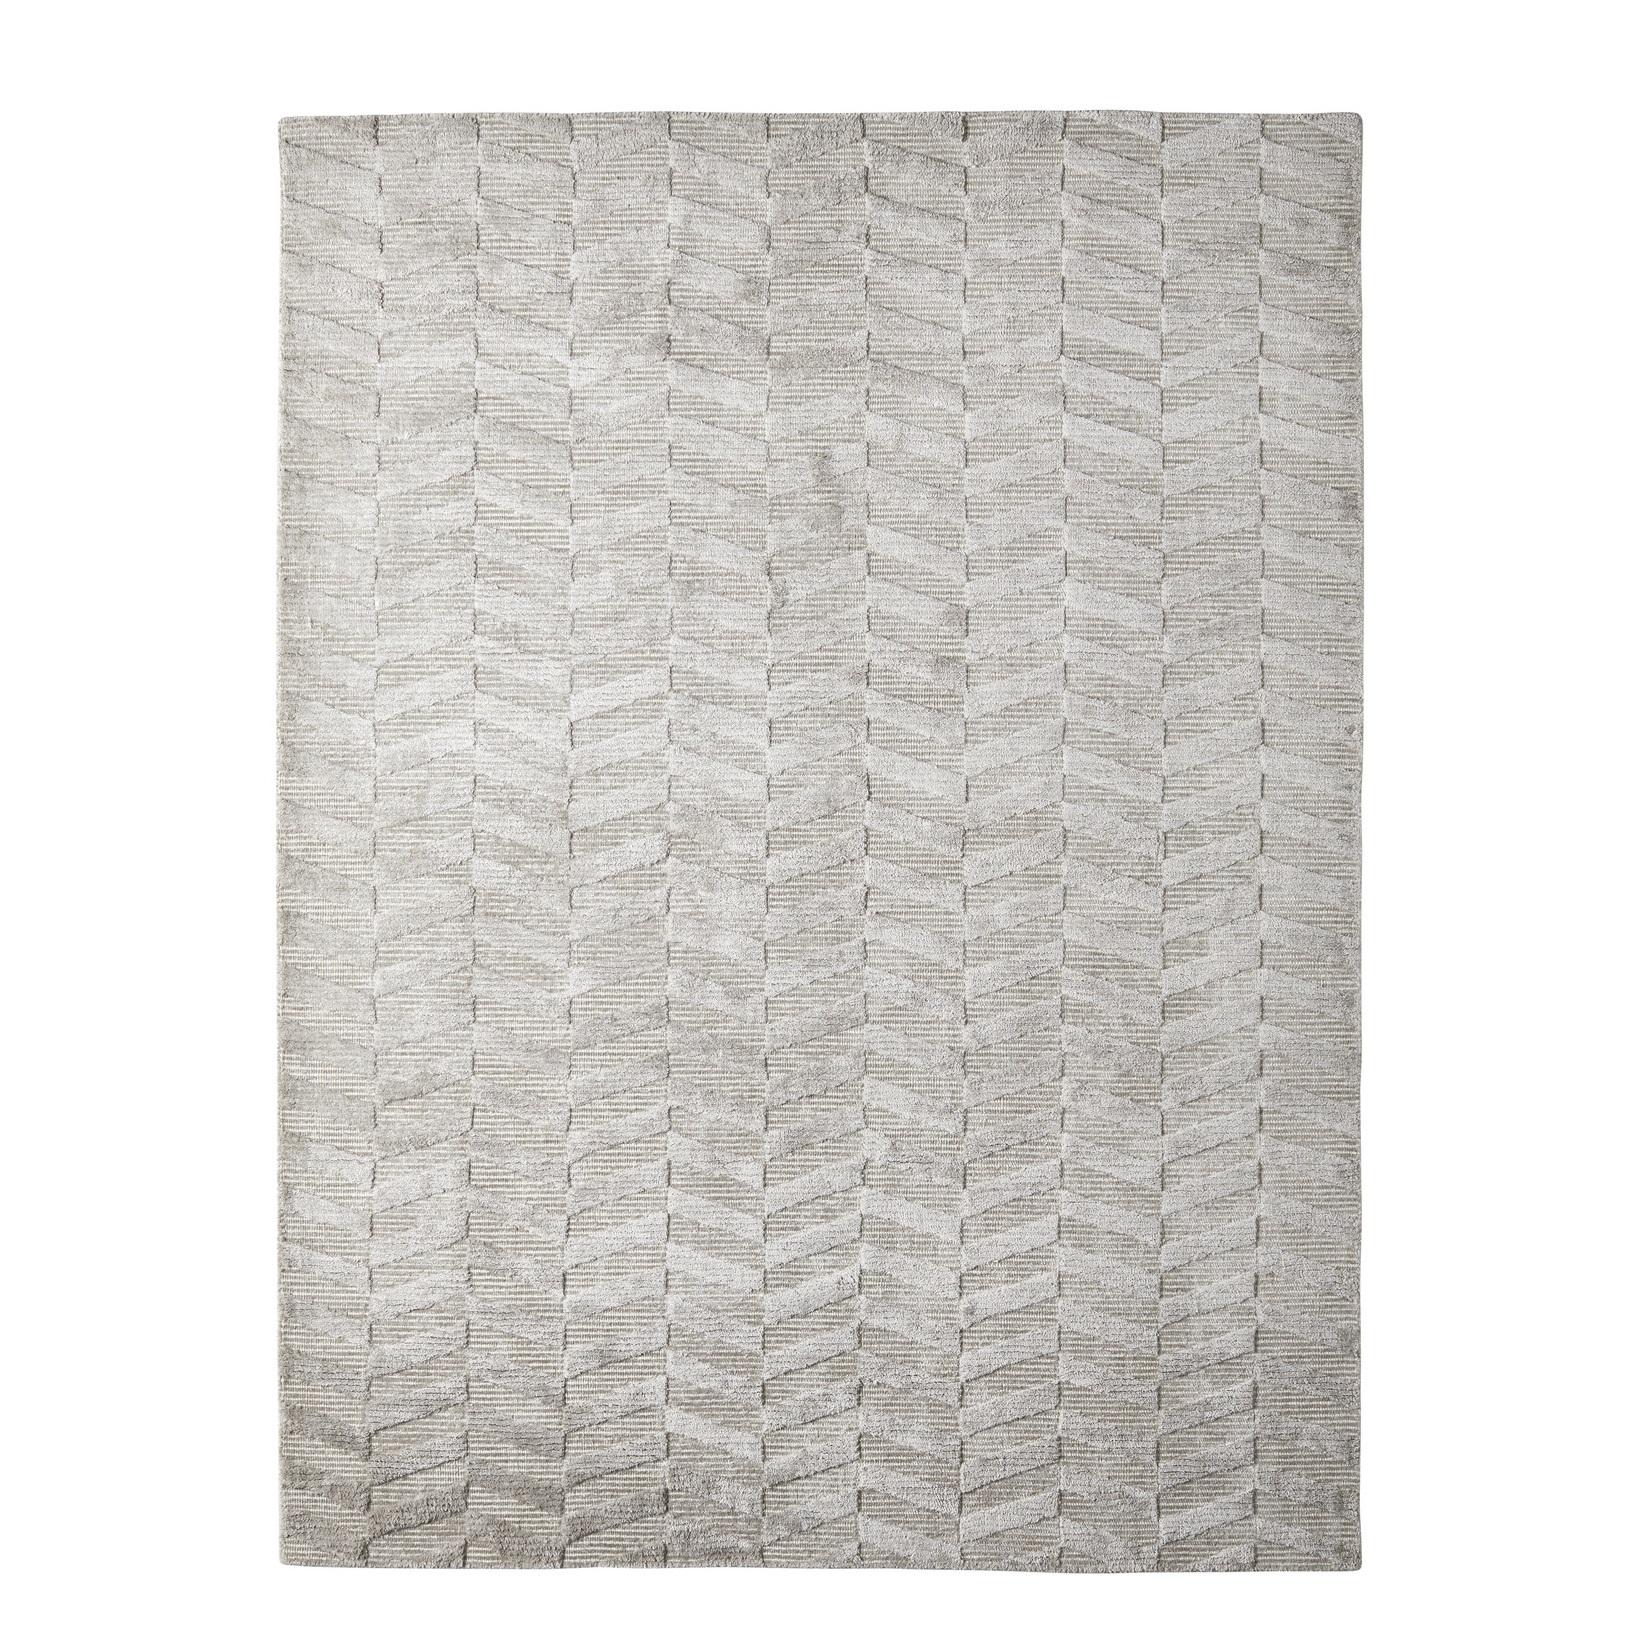 Viskosmatta CHEVRON ALUMINIUM 200x300 cm, Classic Collection